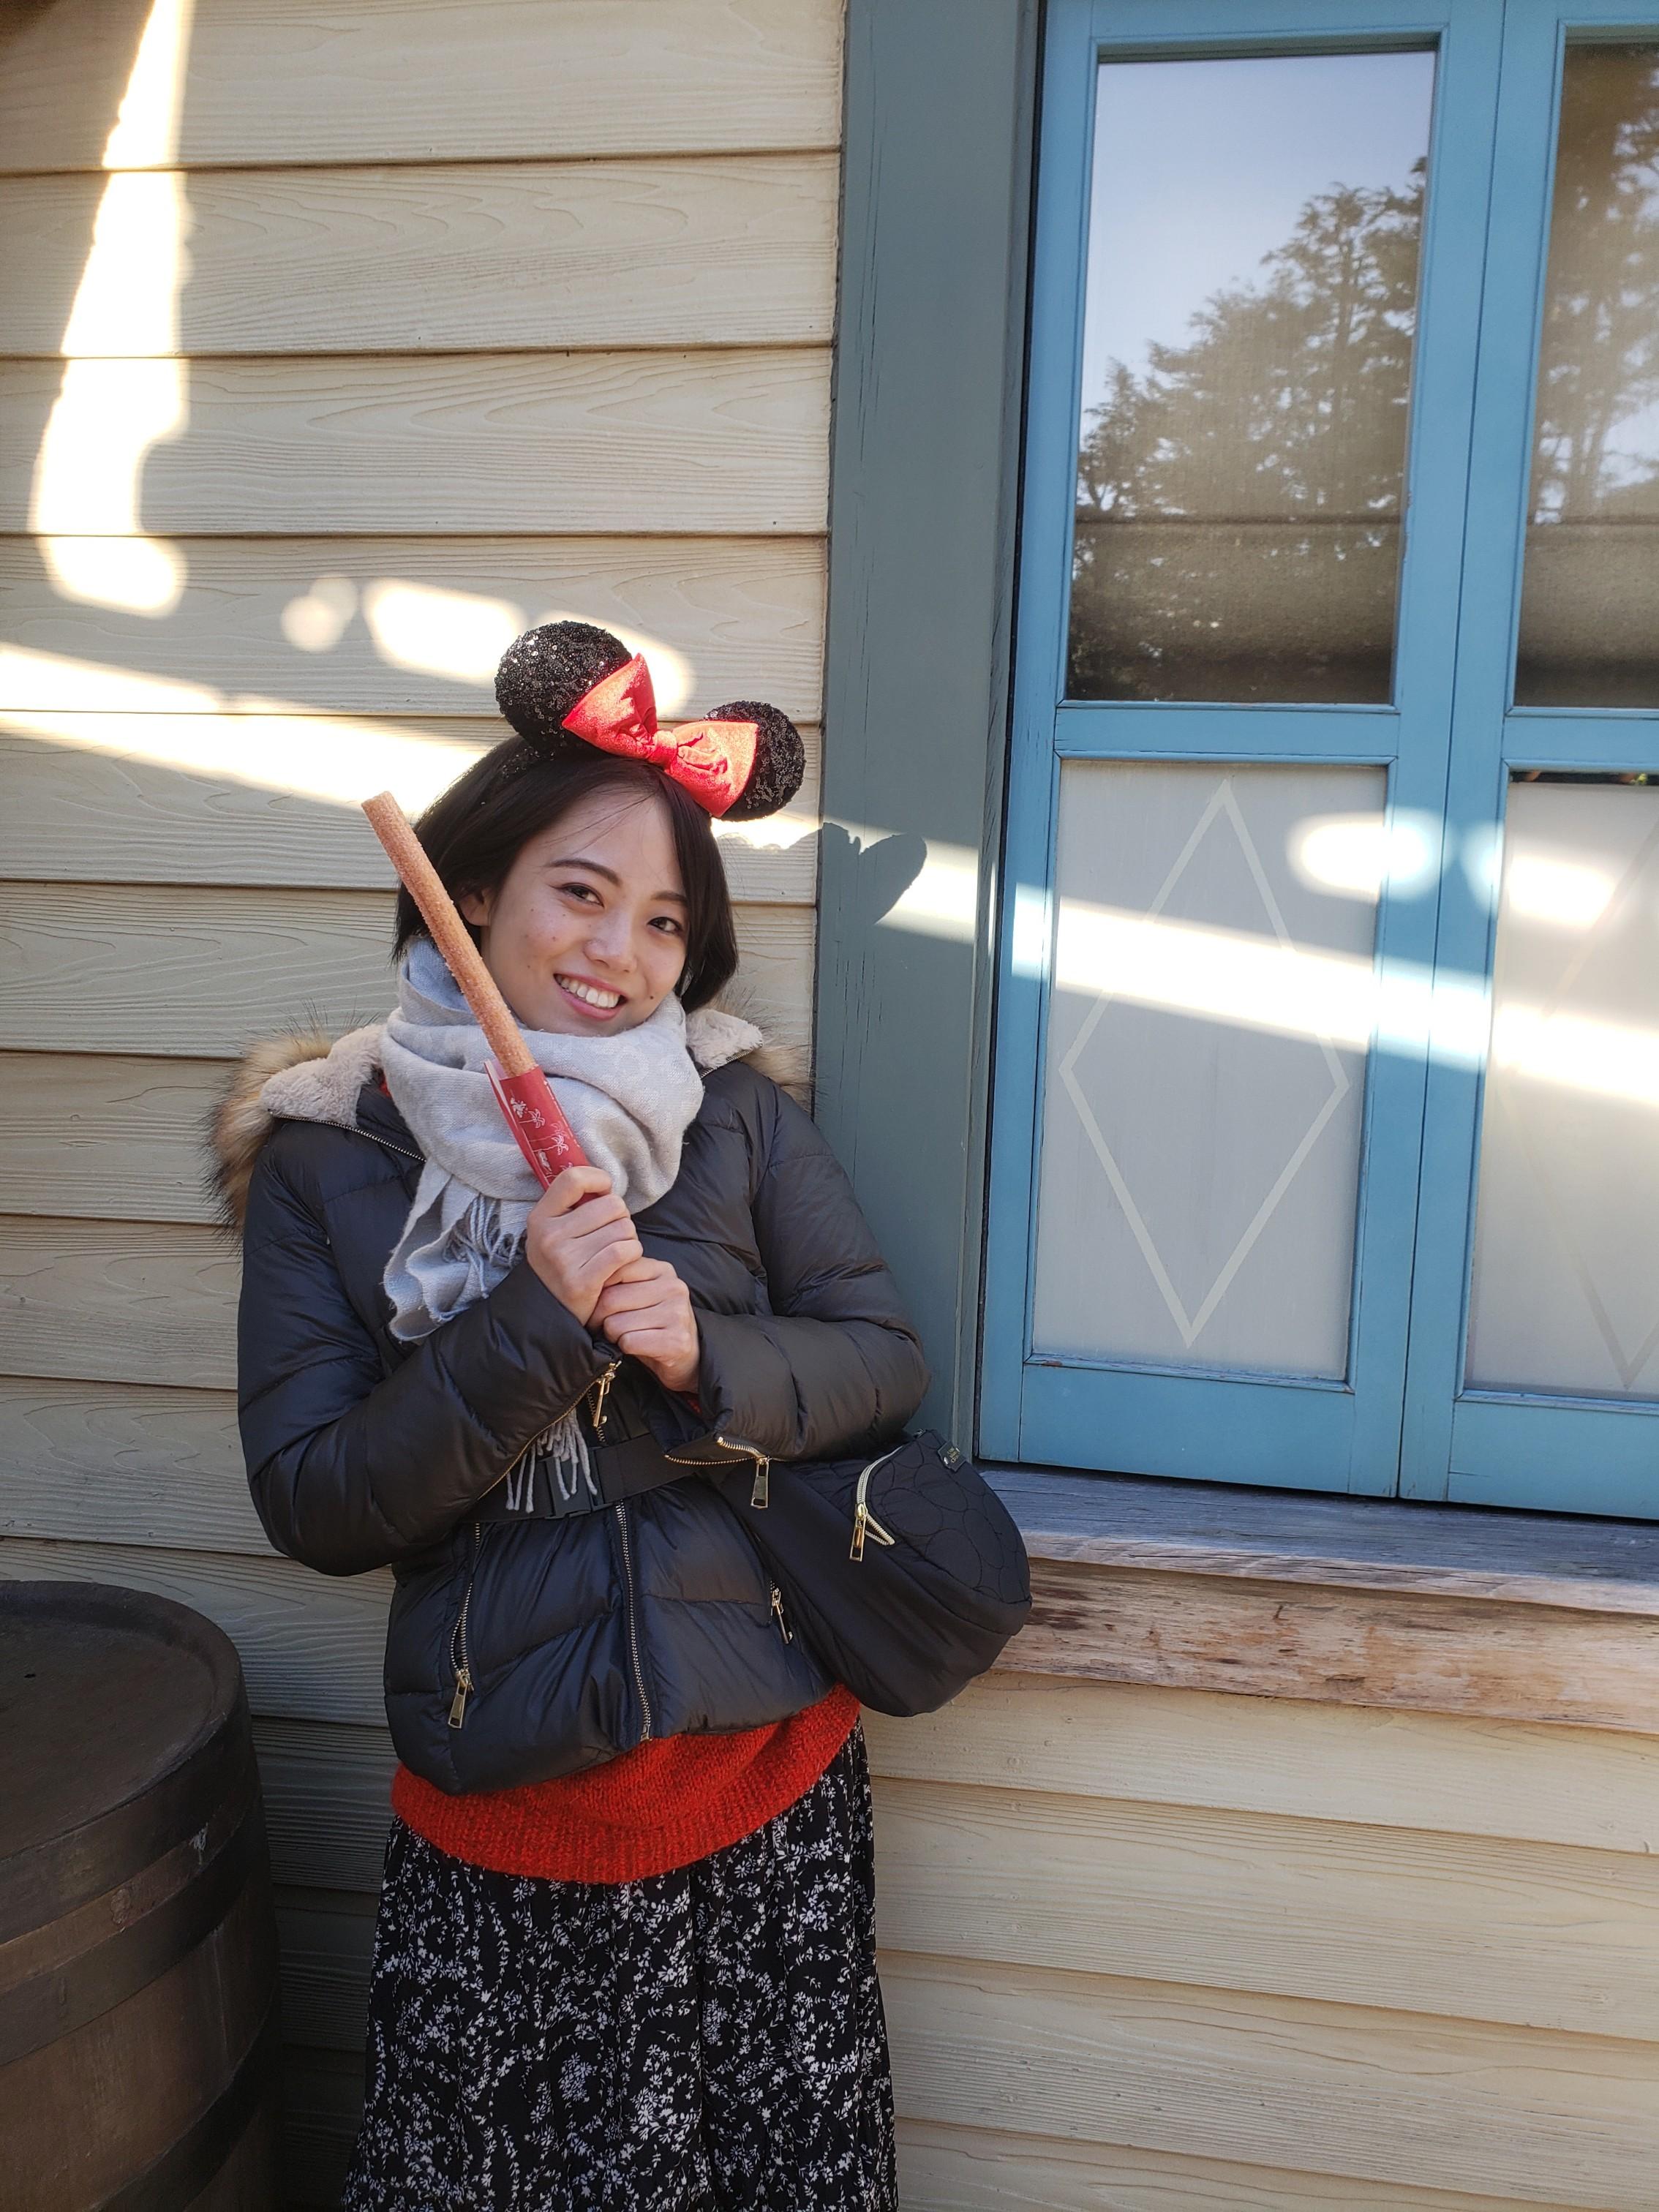 あっちもこっちもミニーちゃん仕様❤️詳しい友達とディズニーランドへ行ってきた!_7